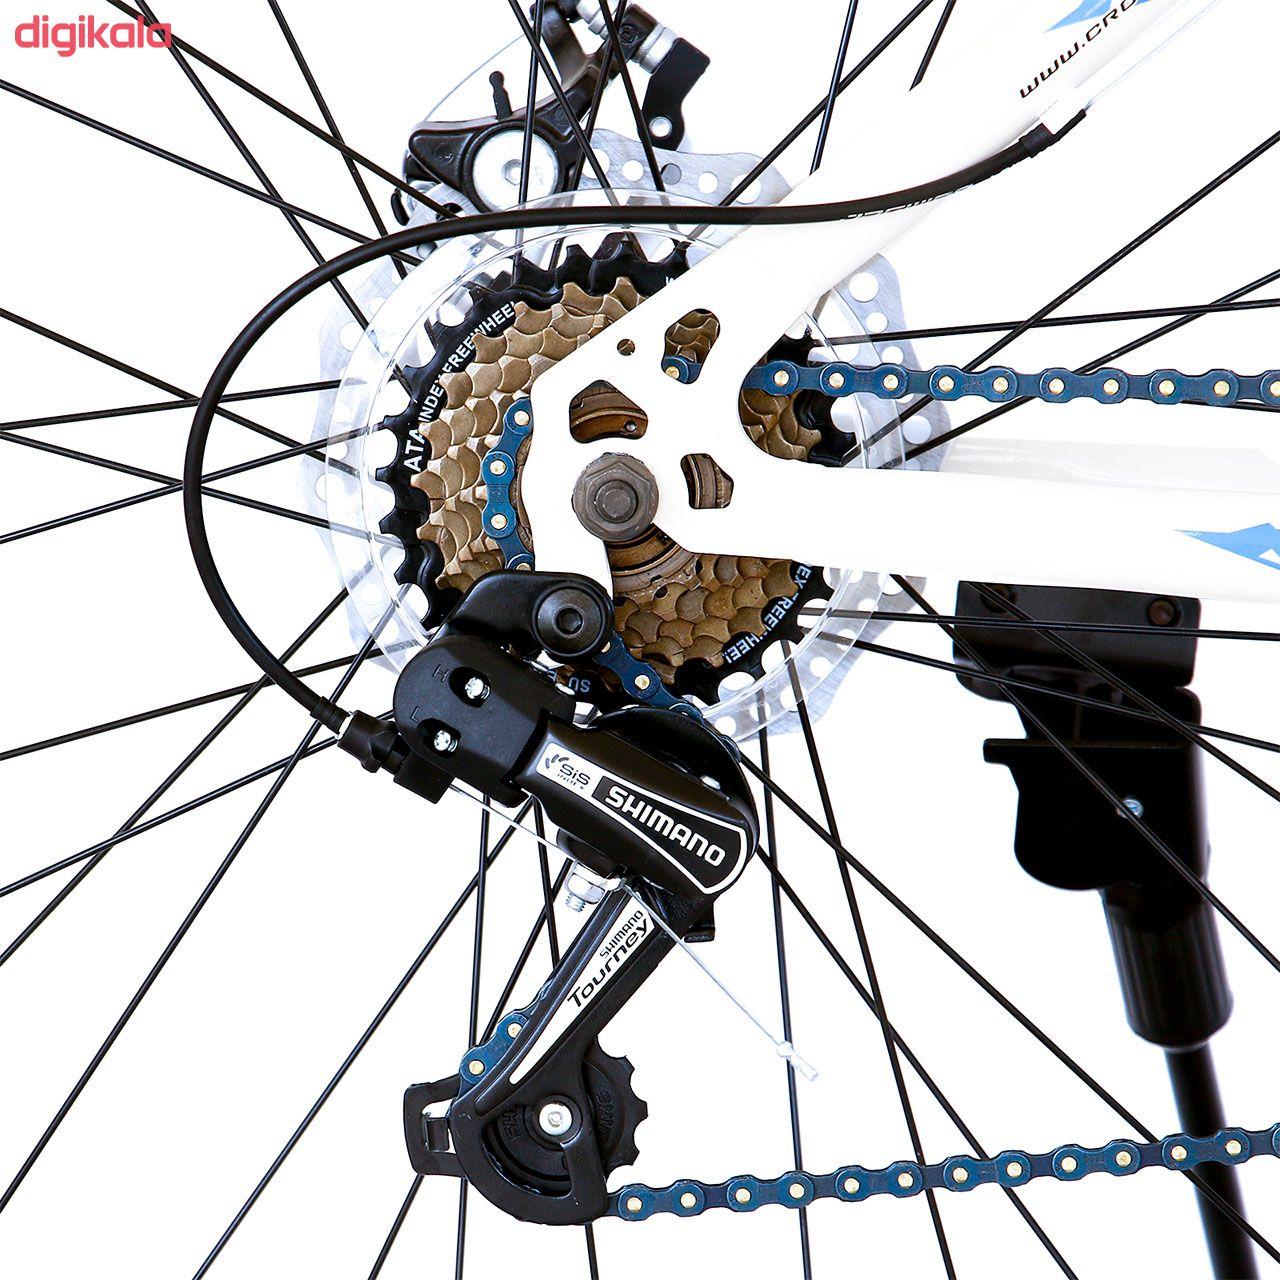 دوچرخه کوهستان کراس مدل PULSE سایز 27.5 main 1 11